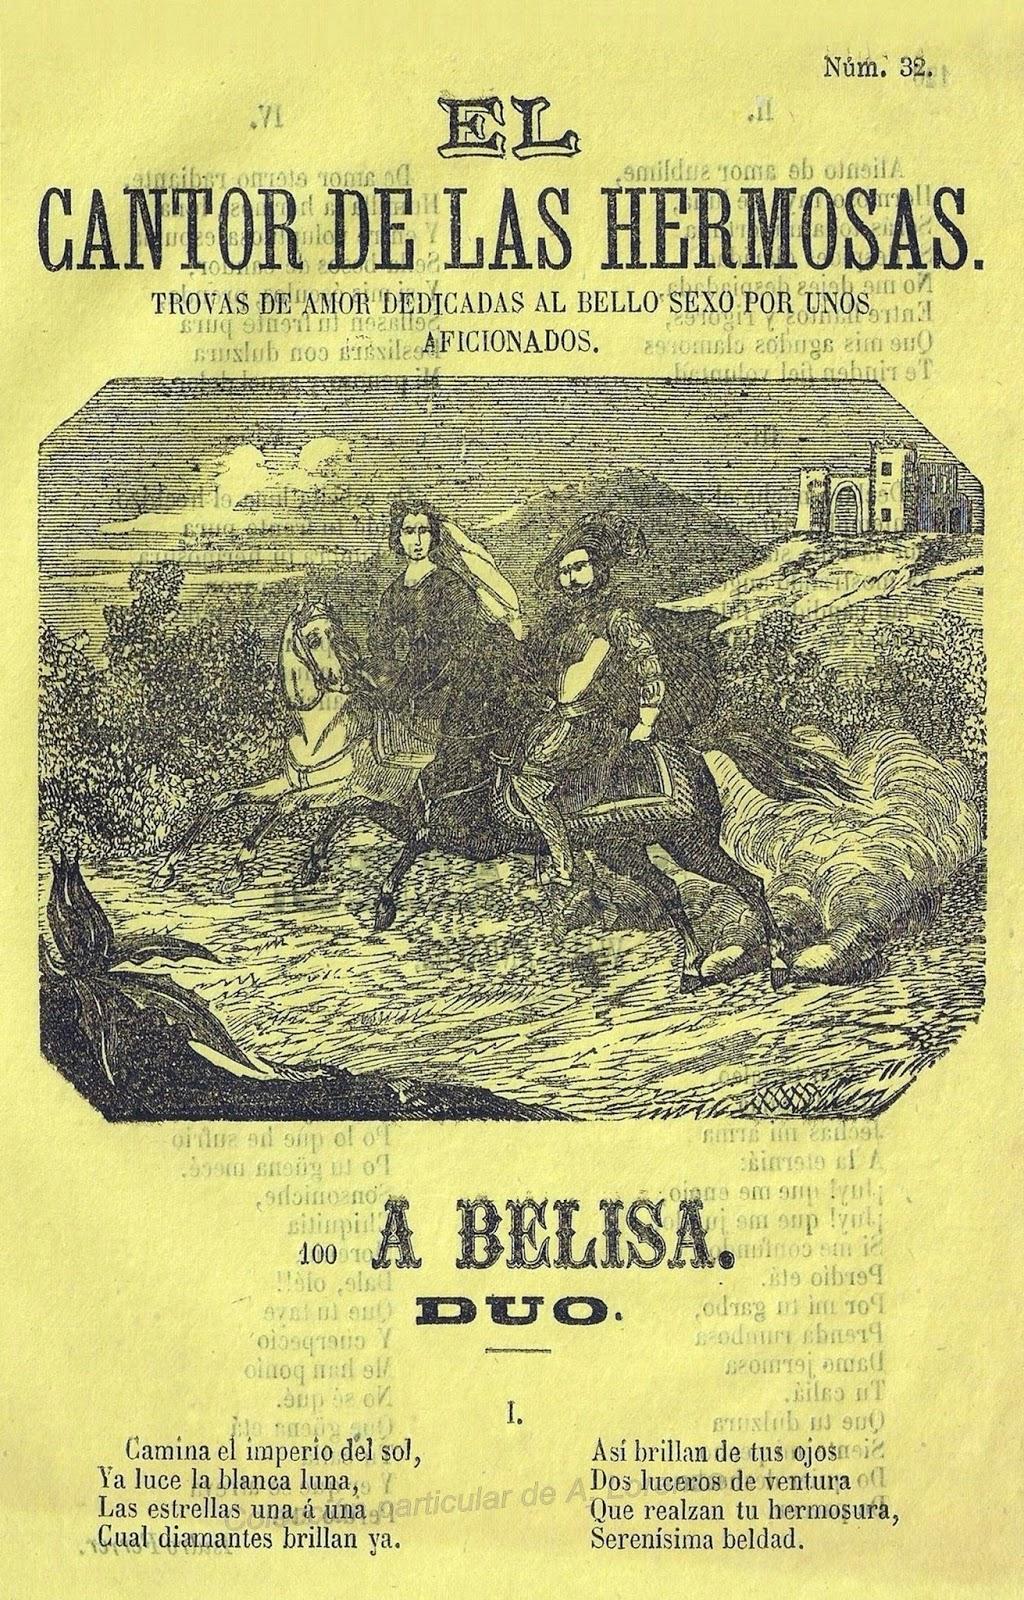 Número 32 de la serie 'El cantor de las hermosas' (año 1876).